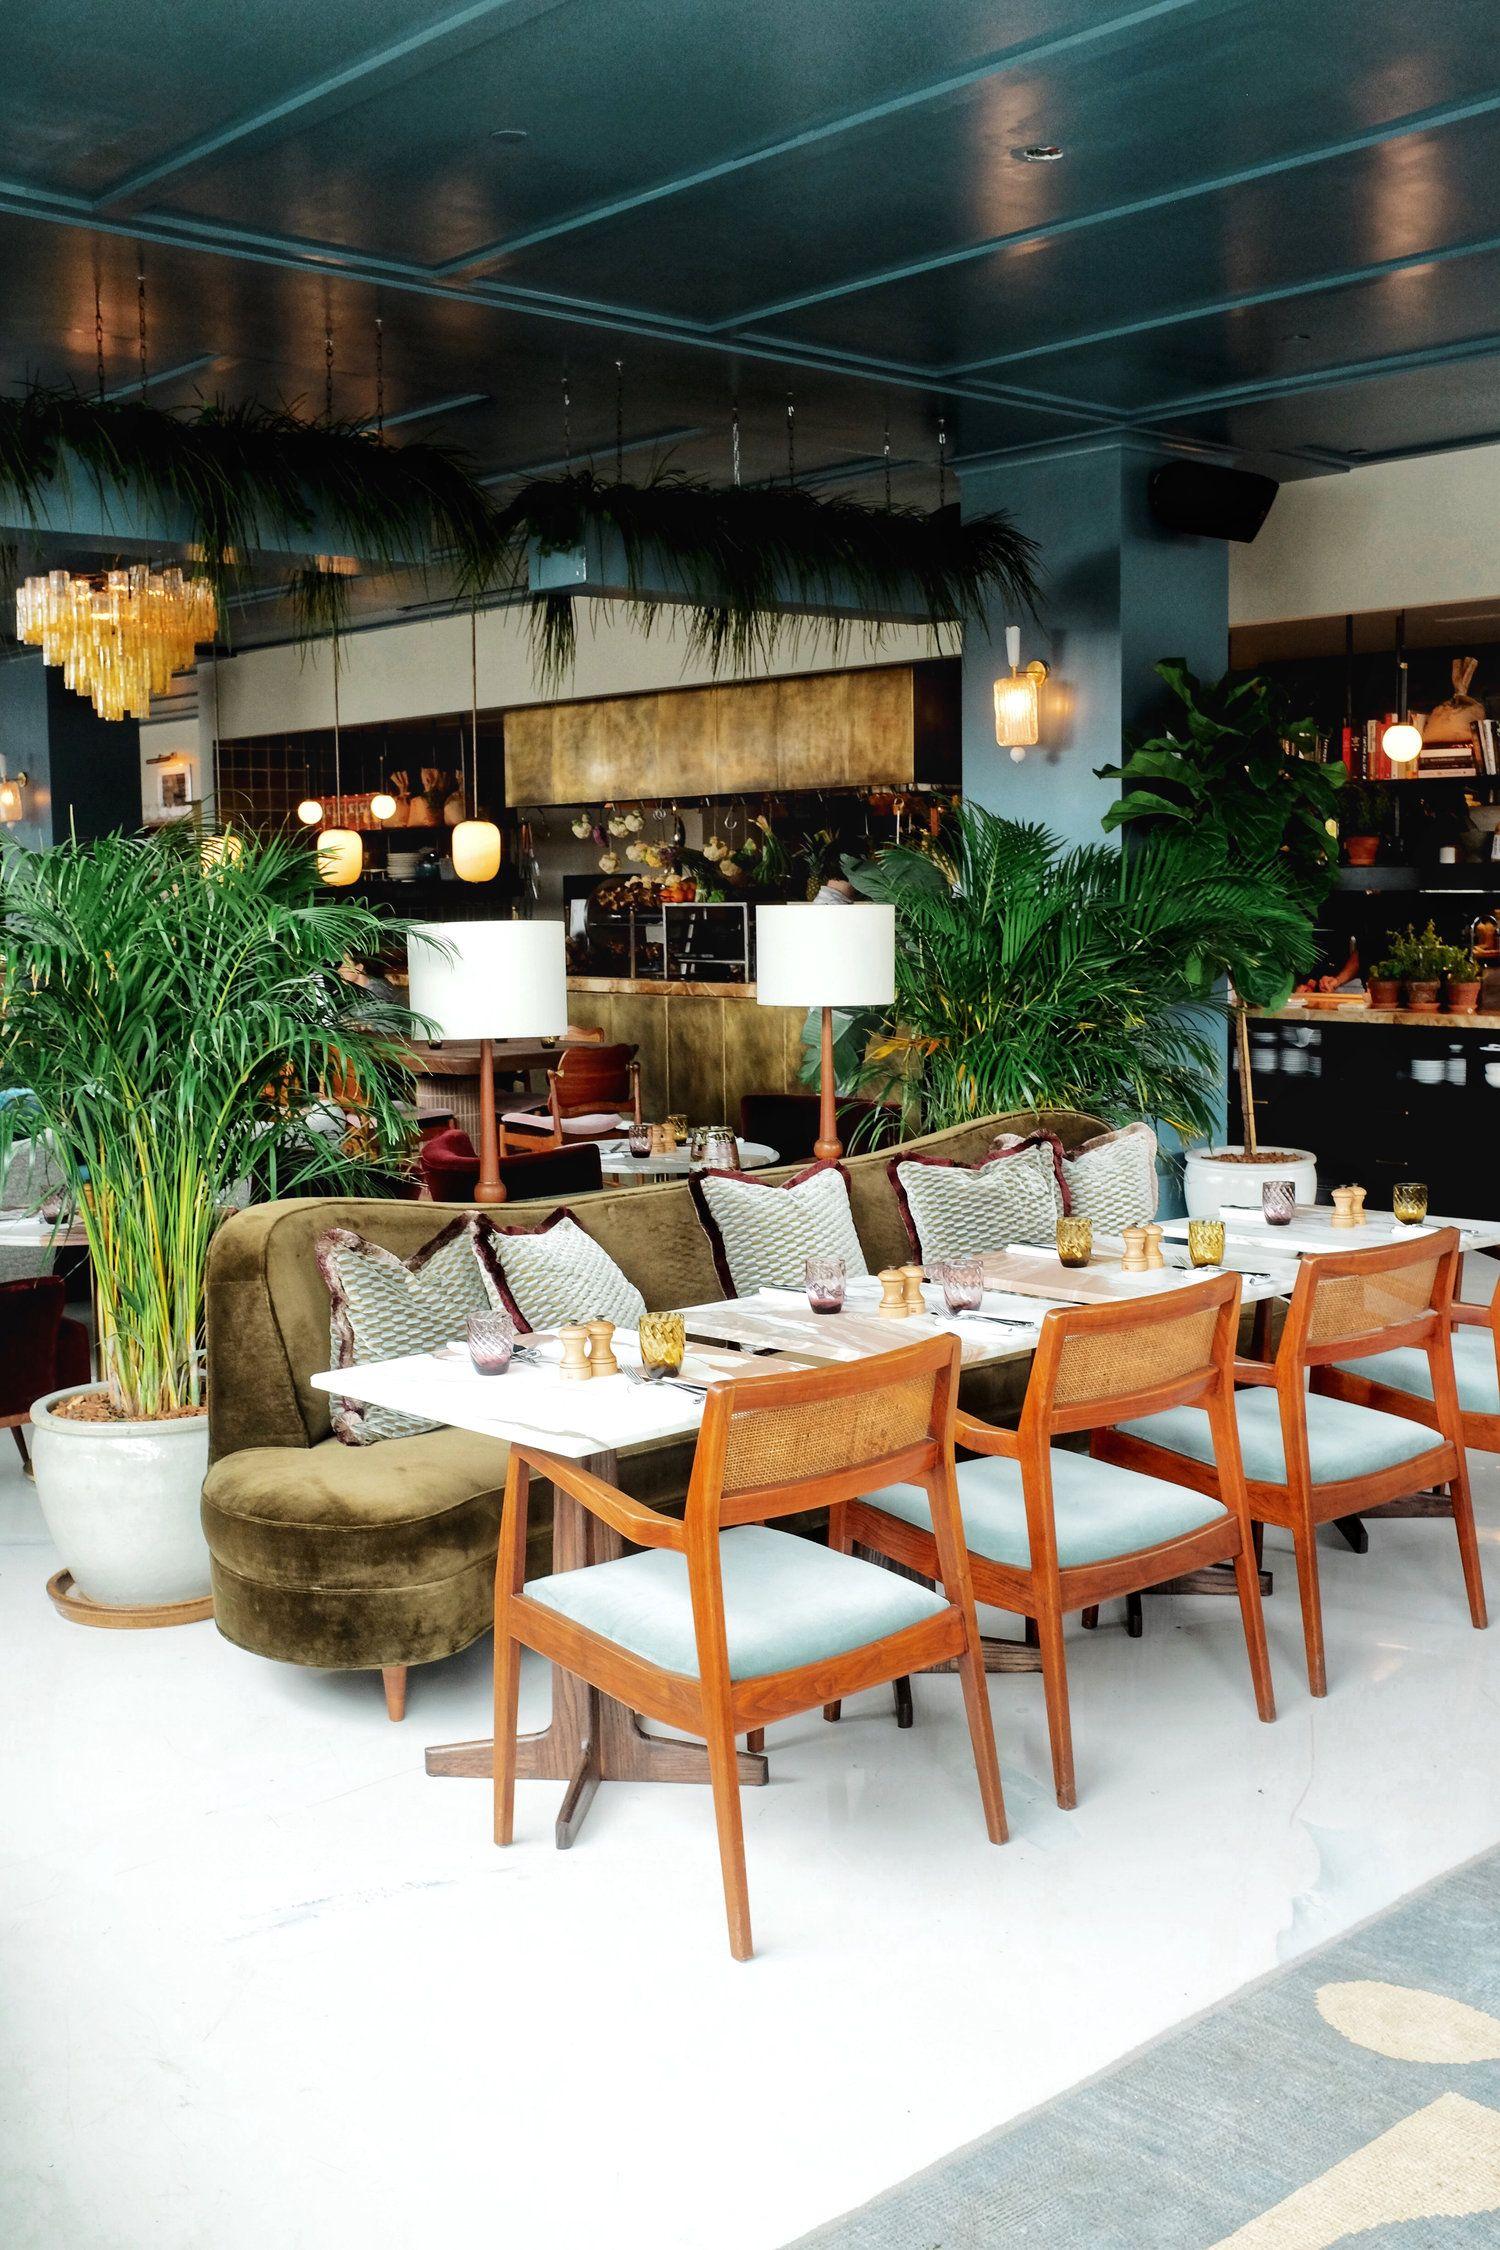 Soho house new homes lounge couch bar interior design restaurants also dumbo in cafes bars pinterest rh